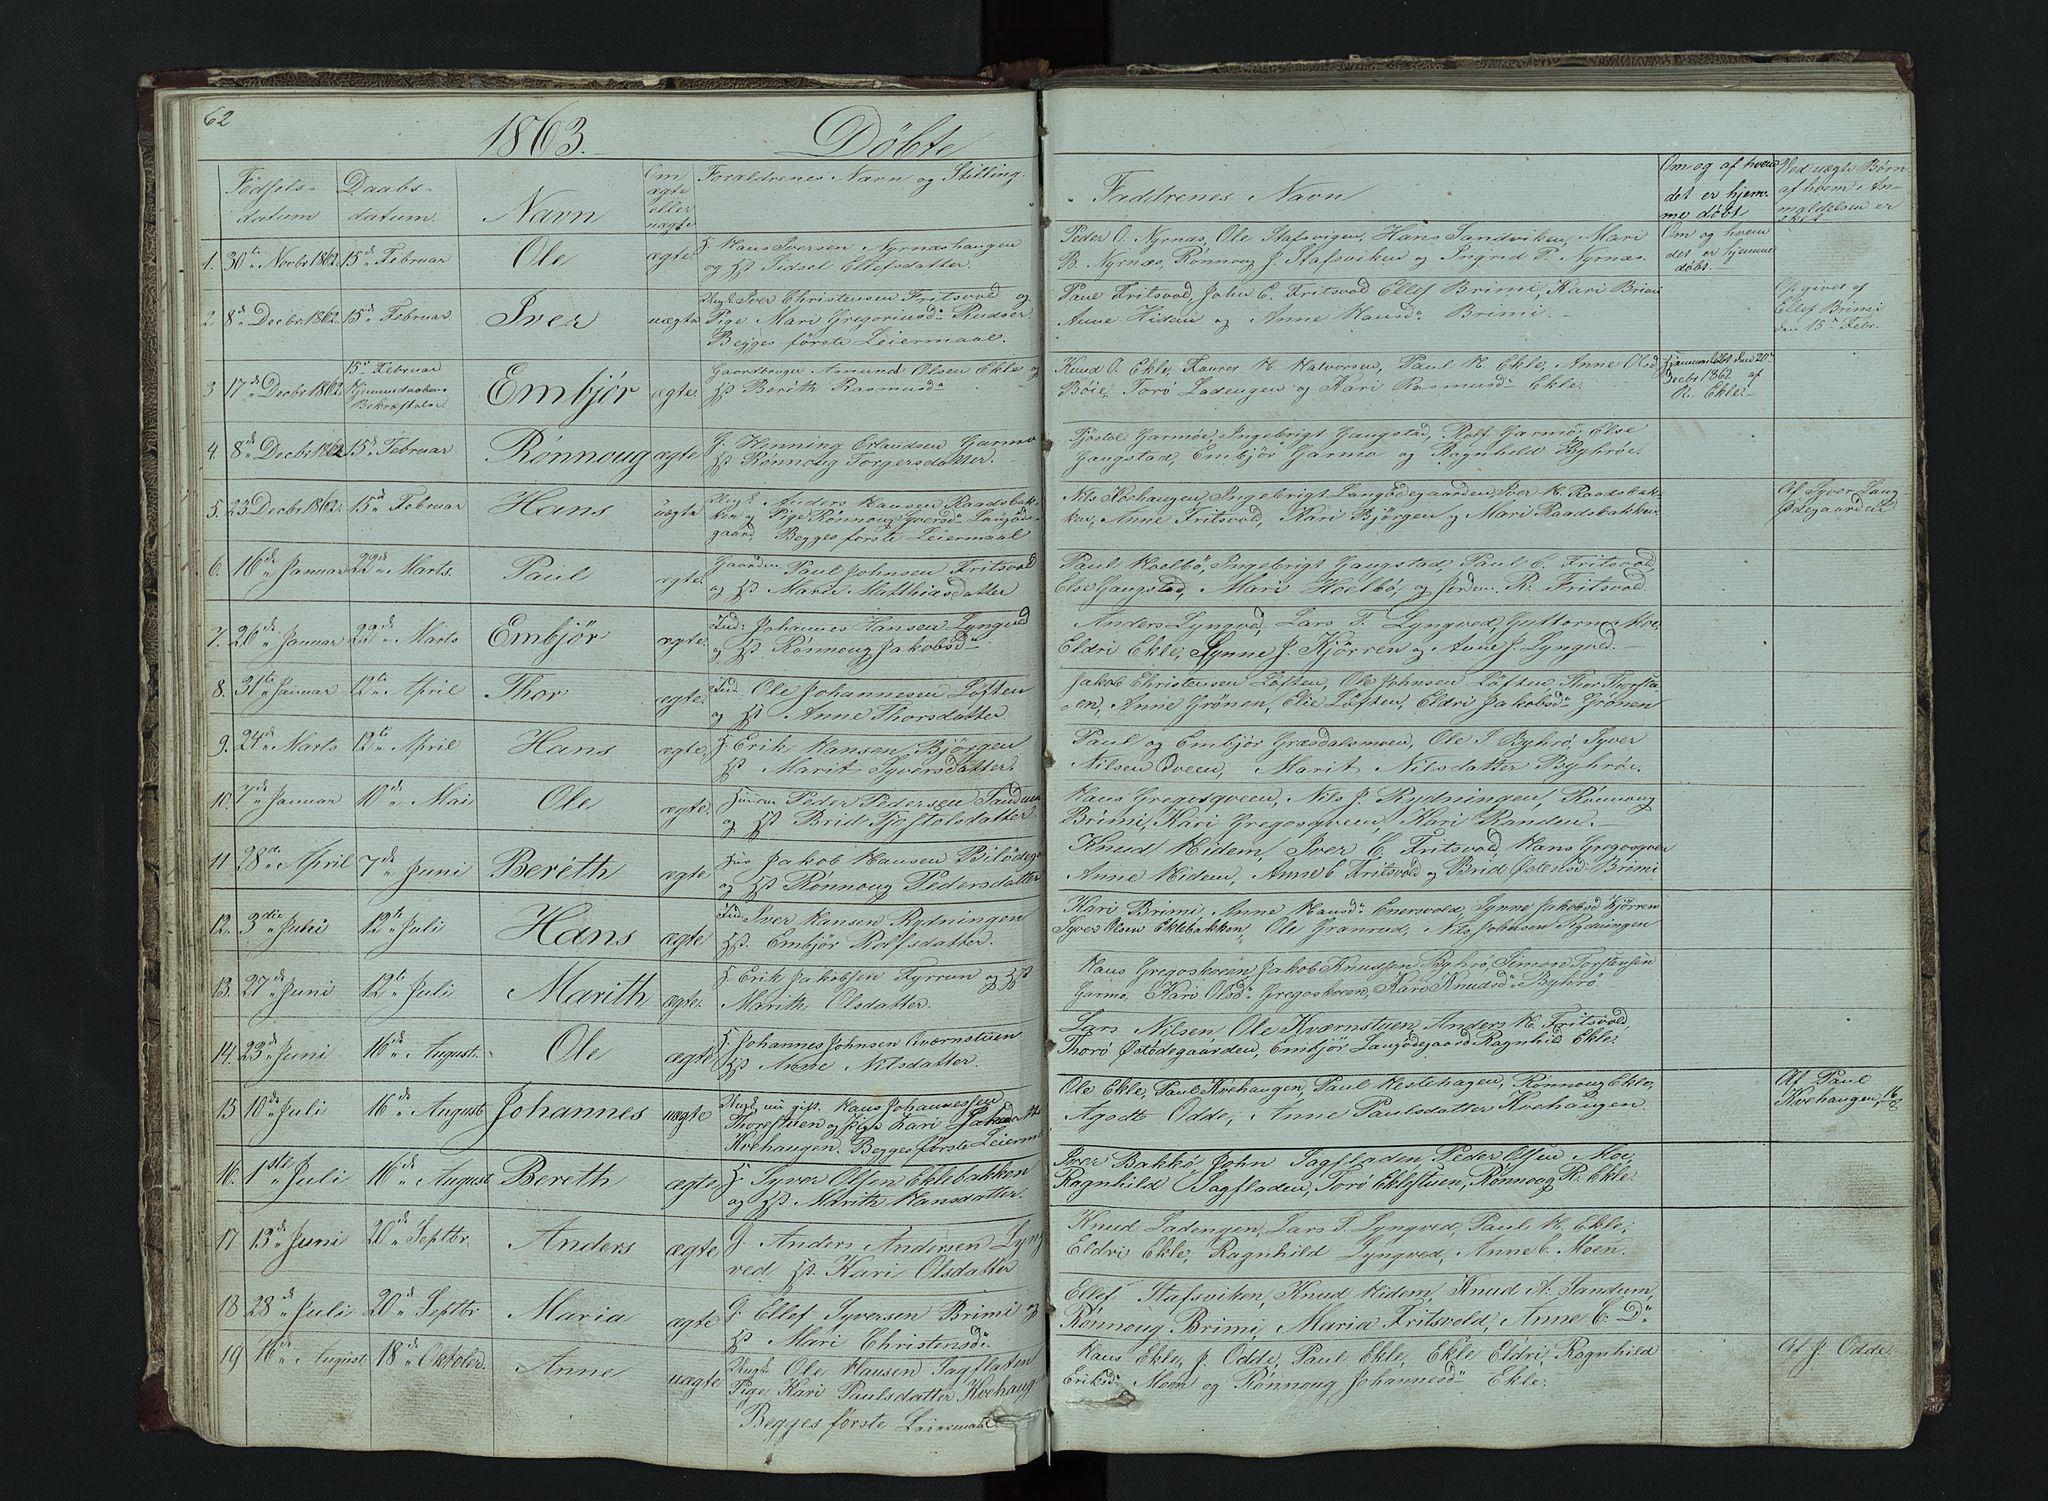 SAH, Lom prestekontor, L/L0014: Klokkerbok nr. 14, 1845-1876, s. 62-63